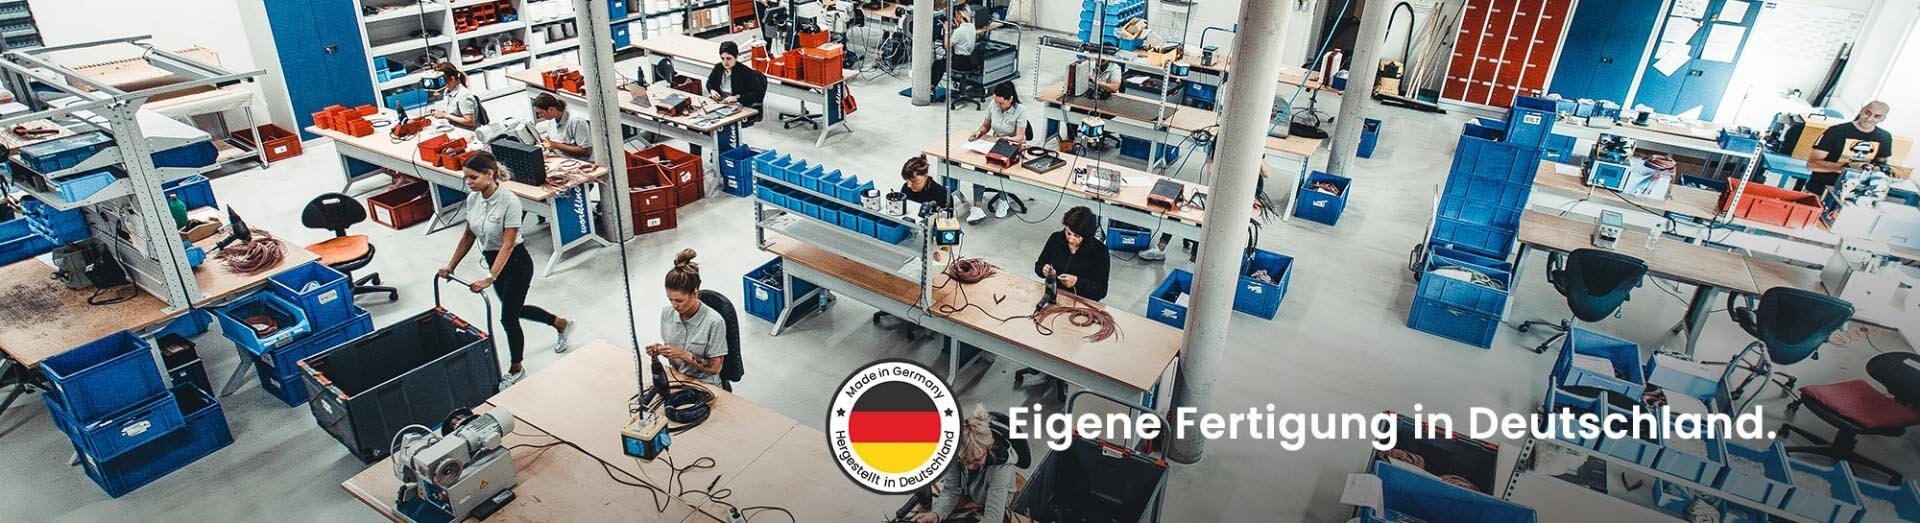 Eigene Fertigung von Sensoren in Deutschland